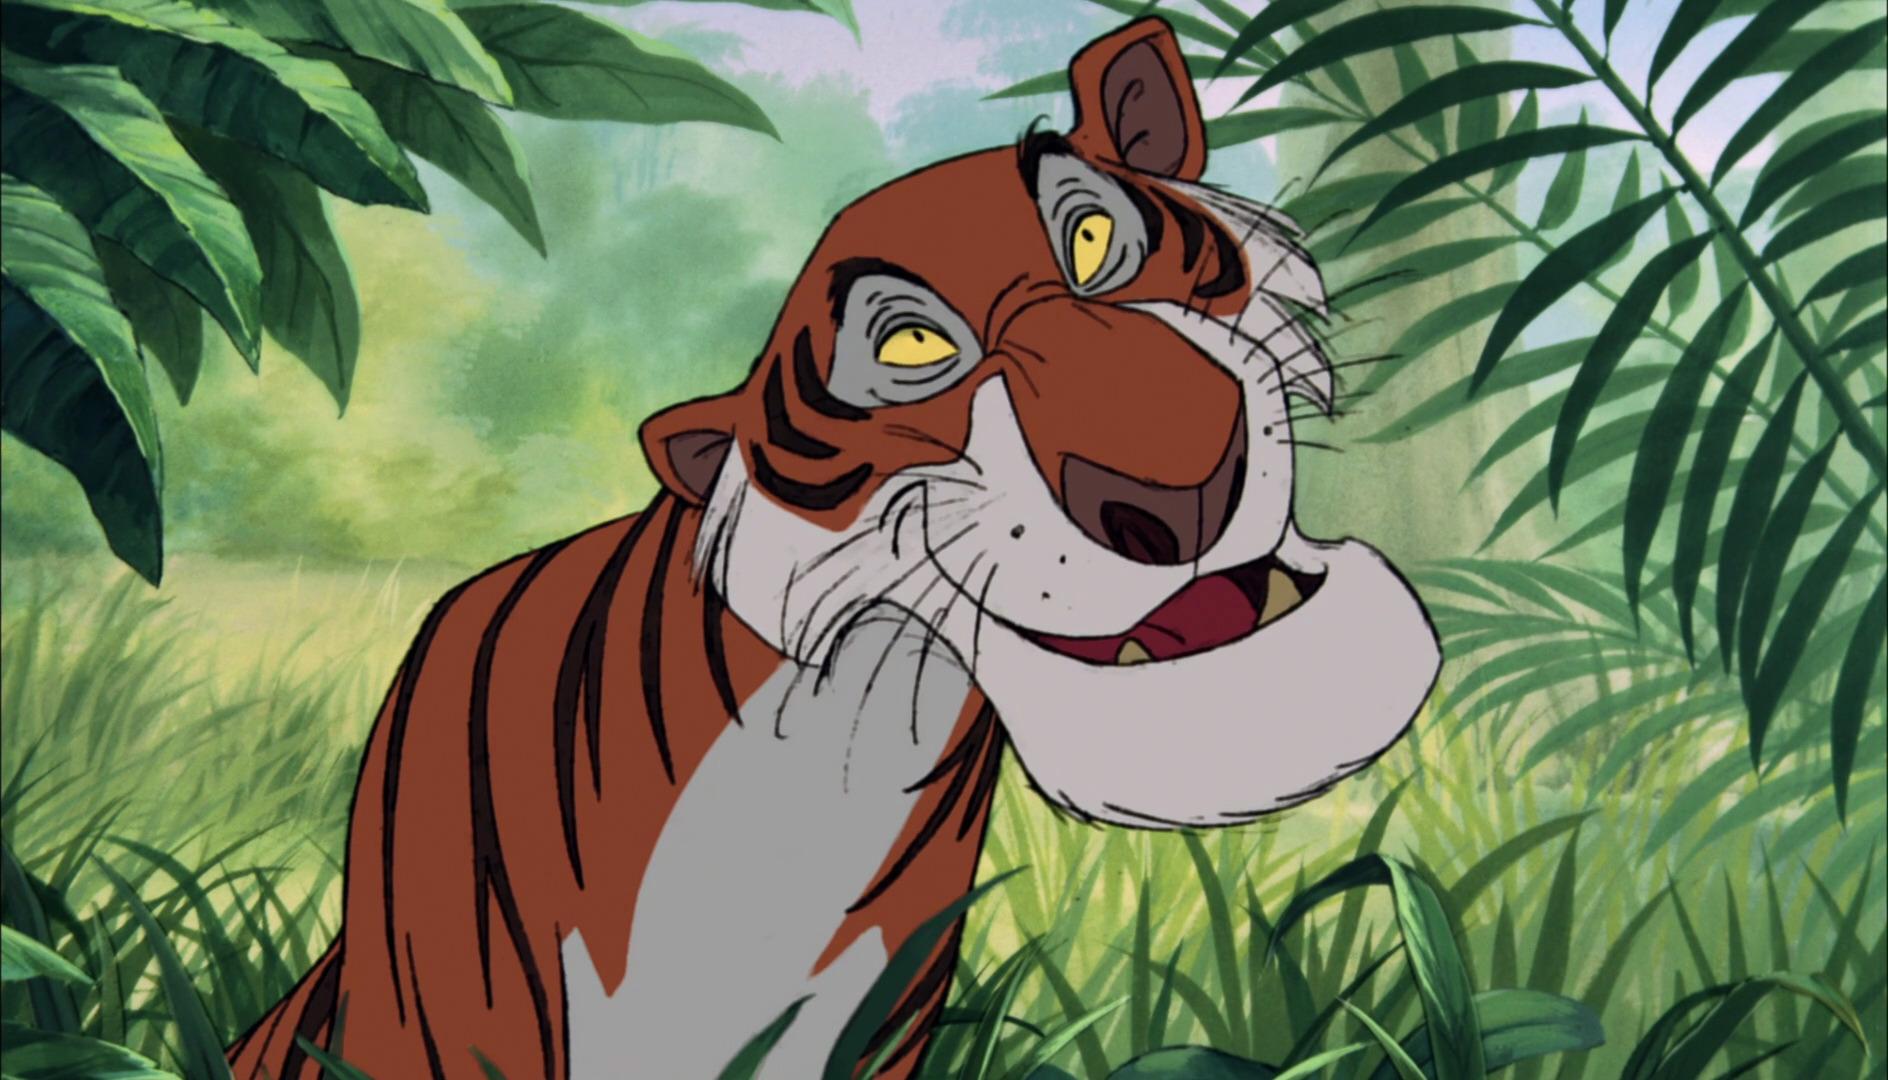 Shere Khan Personnage Dans Le Livre De La Jungle Disney